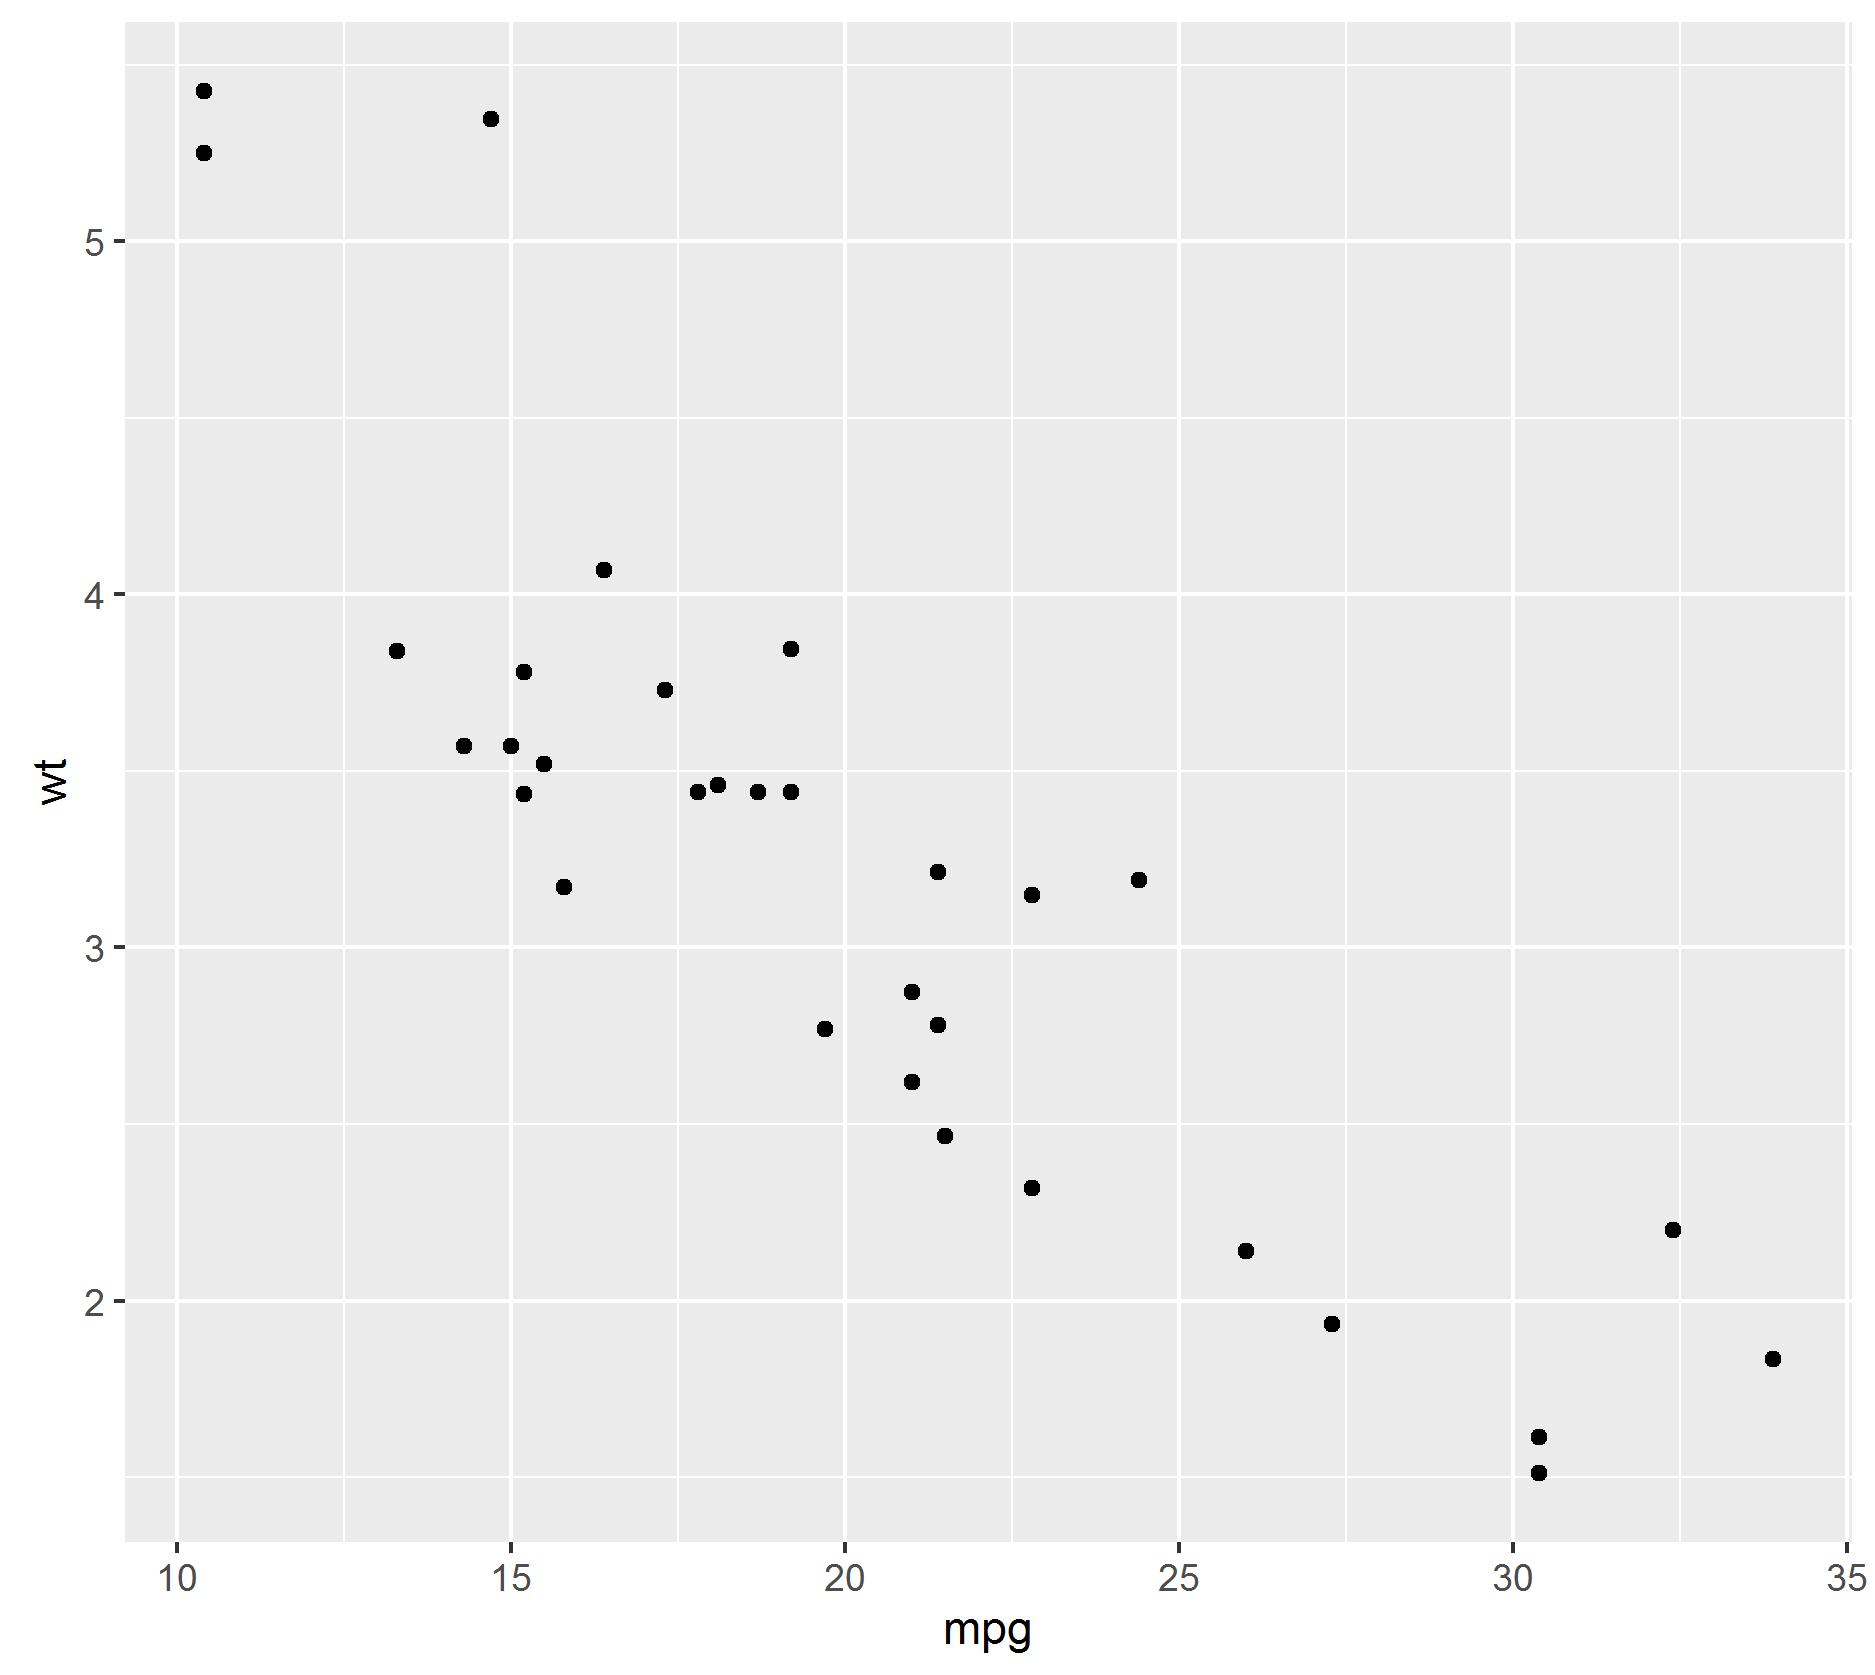 ggplot(data = mtcars, aes(x= mpg, y= wt) ) + geom_point()